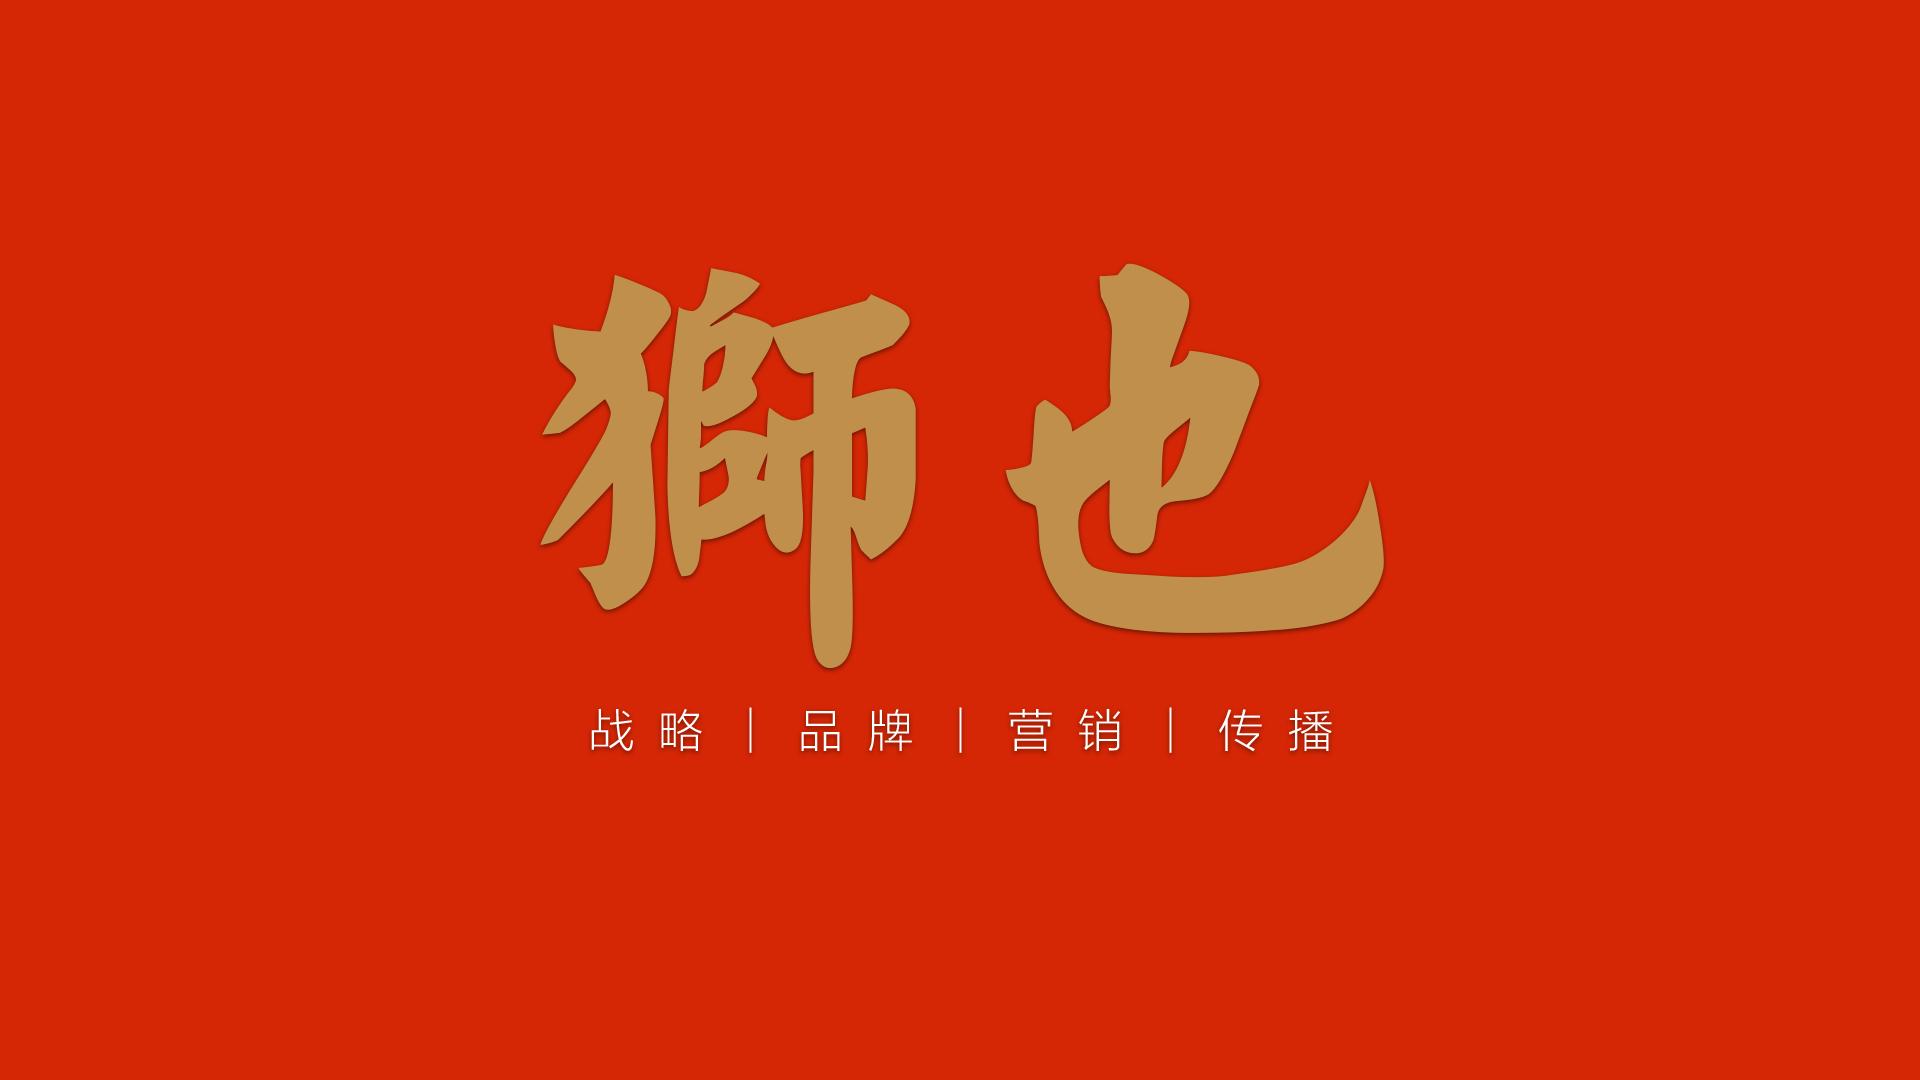 上海营销策划公司—国际化战略能为企业带来什么